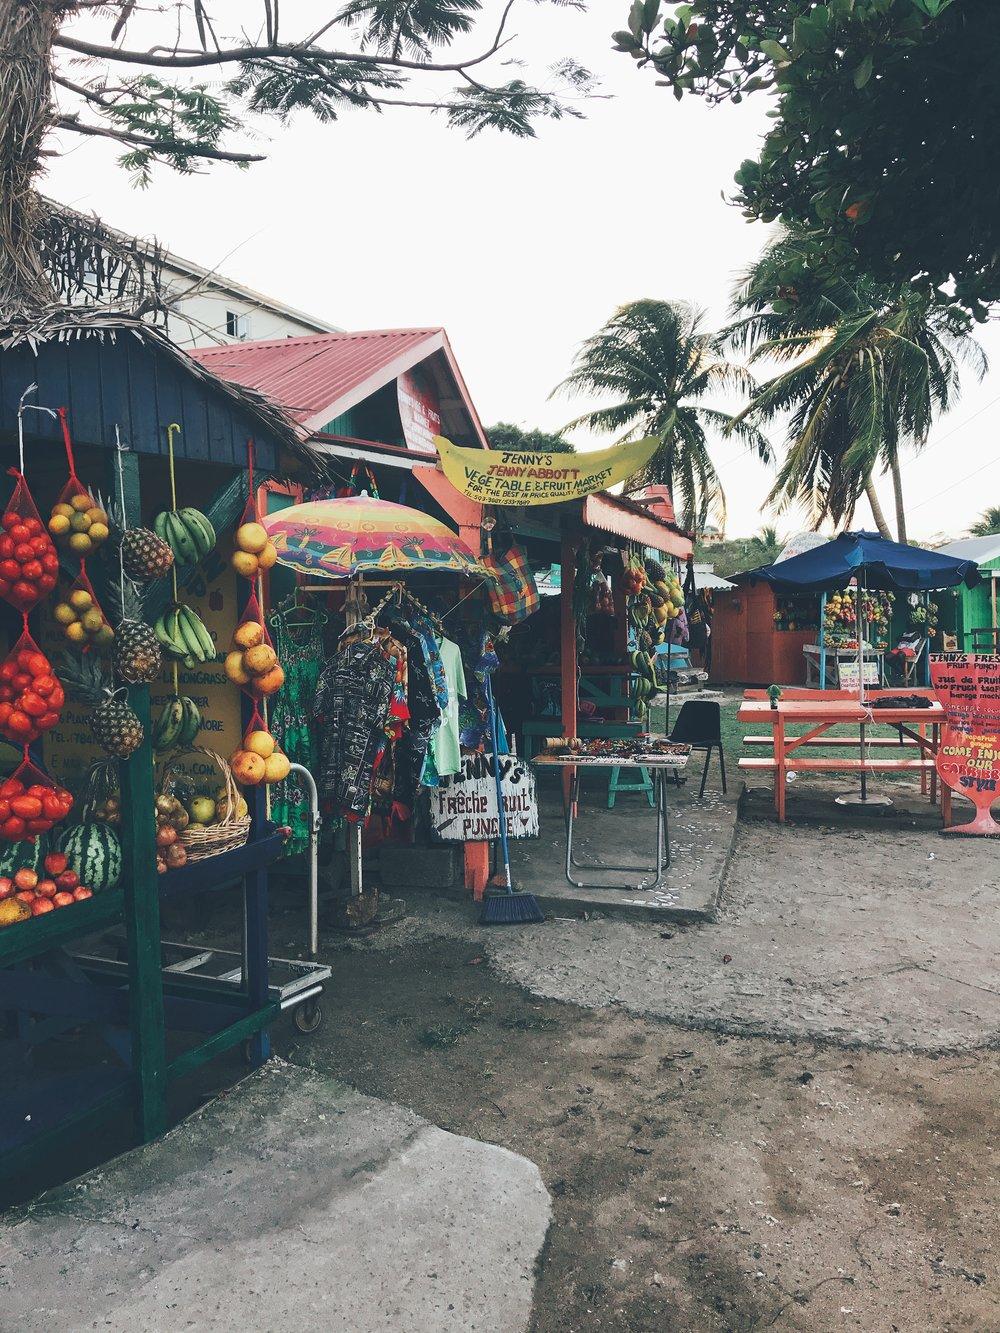 CLIFTON - Petite île pleine de charme et de recoins intéressants à explorer avec ses diverses plages, spots de kitesurf, centre ville animé en journéepar les petits magasins et le marché en plein air. C'est dans ces petites cabanes aux couleurs locales que vous trouverez les meilleurs jusde fruits frais ainsi que vos fruits et légumes.